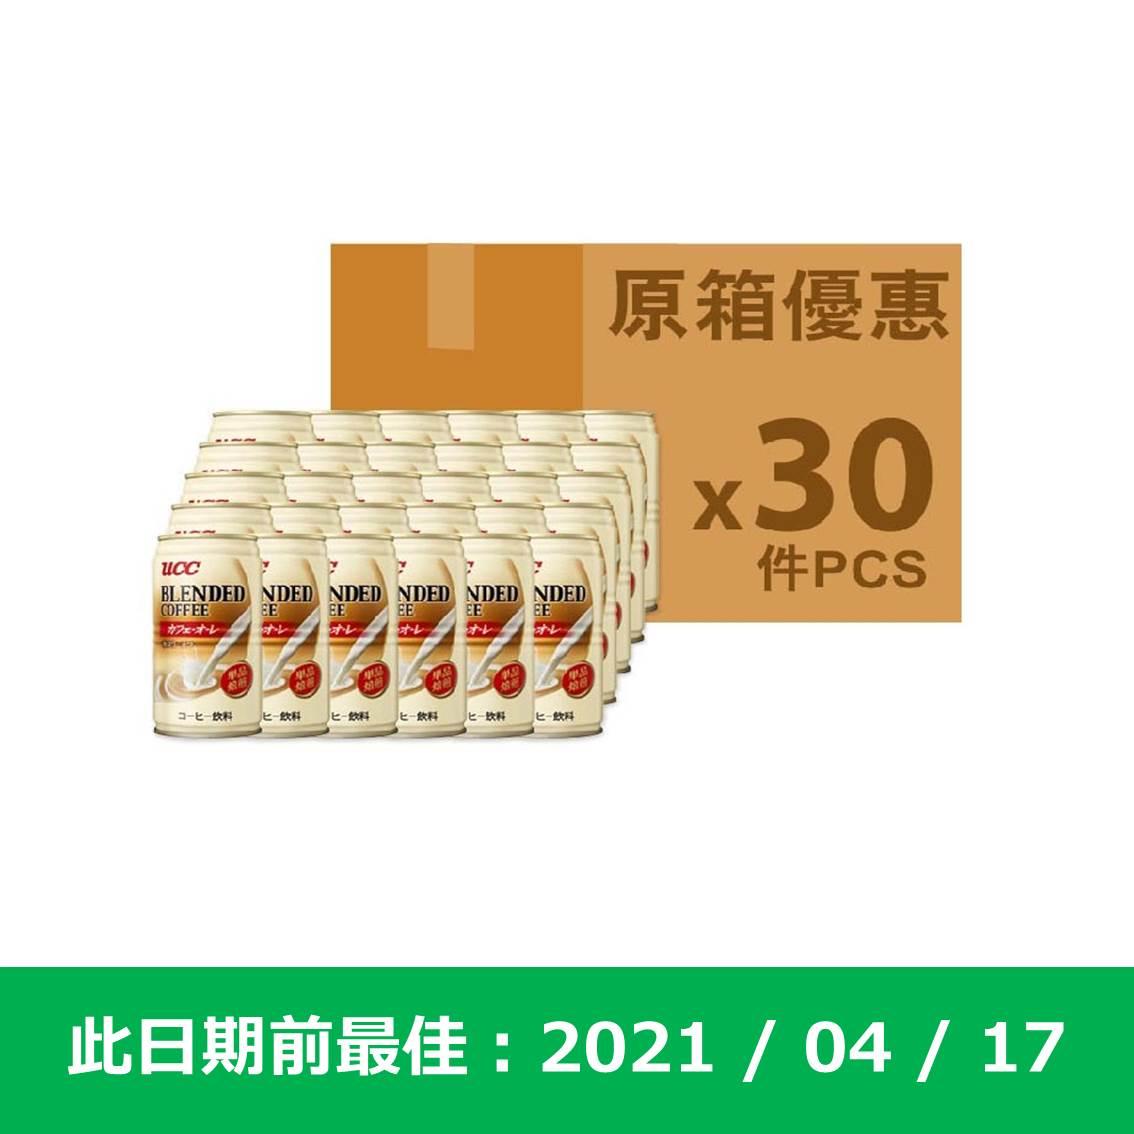 UCC上島牛奶咖啡185g(原箱)